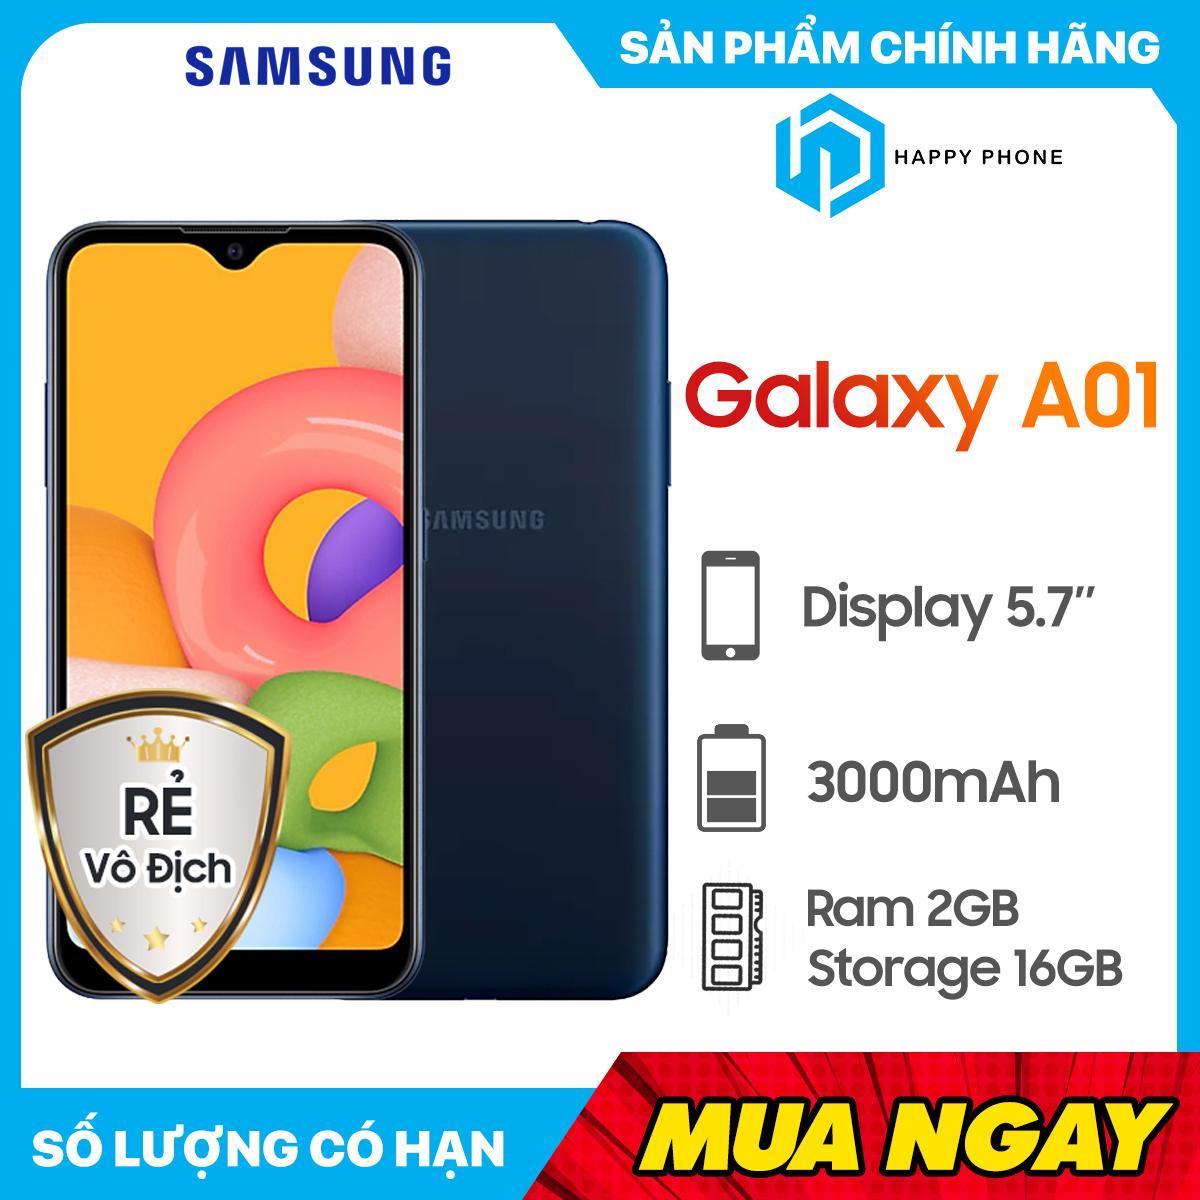 Điện Thoại Samsung Galaxy A01 ROM 16GB RAM 2GB - Hàng Mới 100%, Nguyên Seal, Bảo Hành 12 Tháng [Điện Thoại Giá Rẻ] Siêu Khuyến Mãi